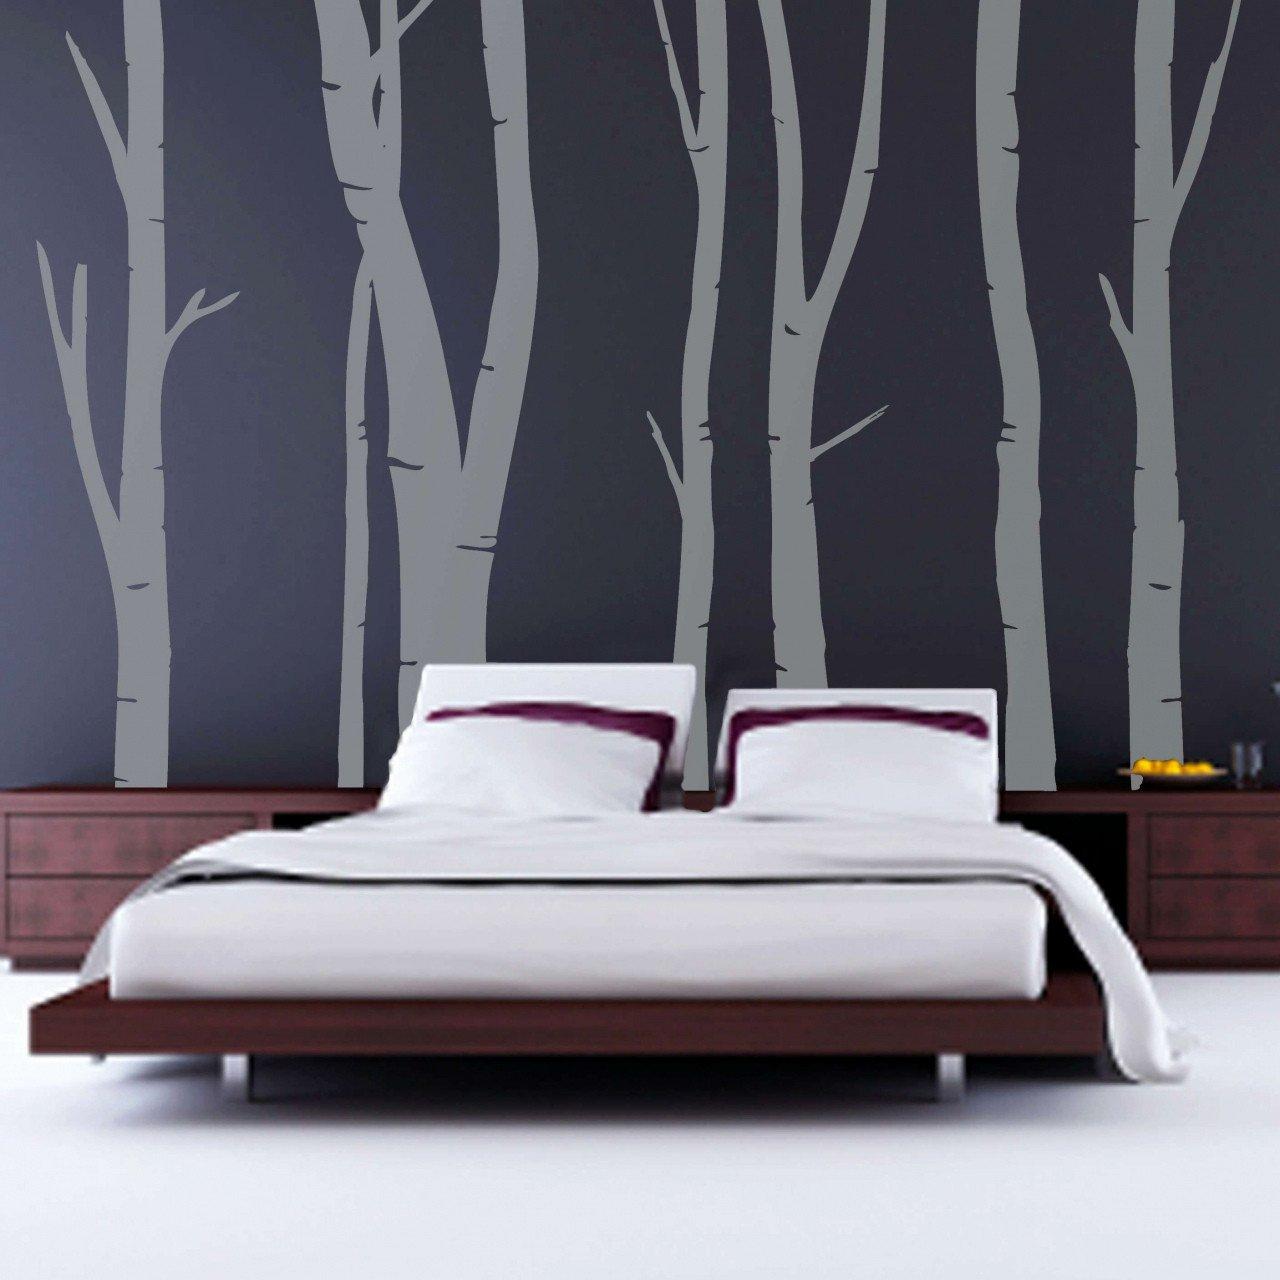 Wall Decals for Bedroom Luxury Bedroom Art Wall Decals for Bedroom Unique 1 Kirkland Wall